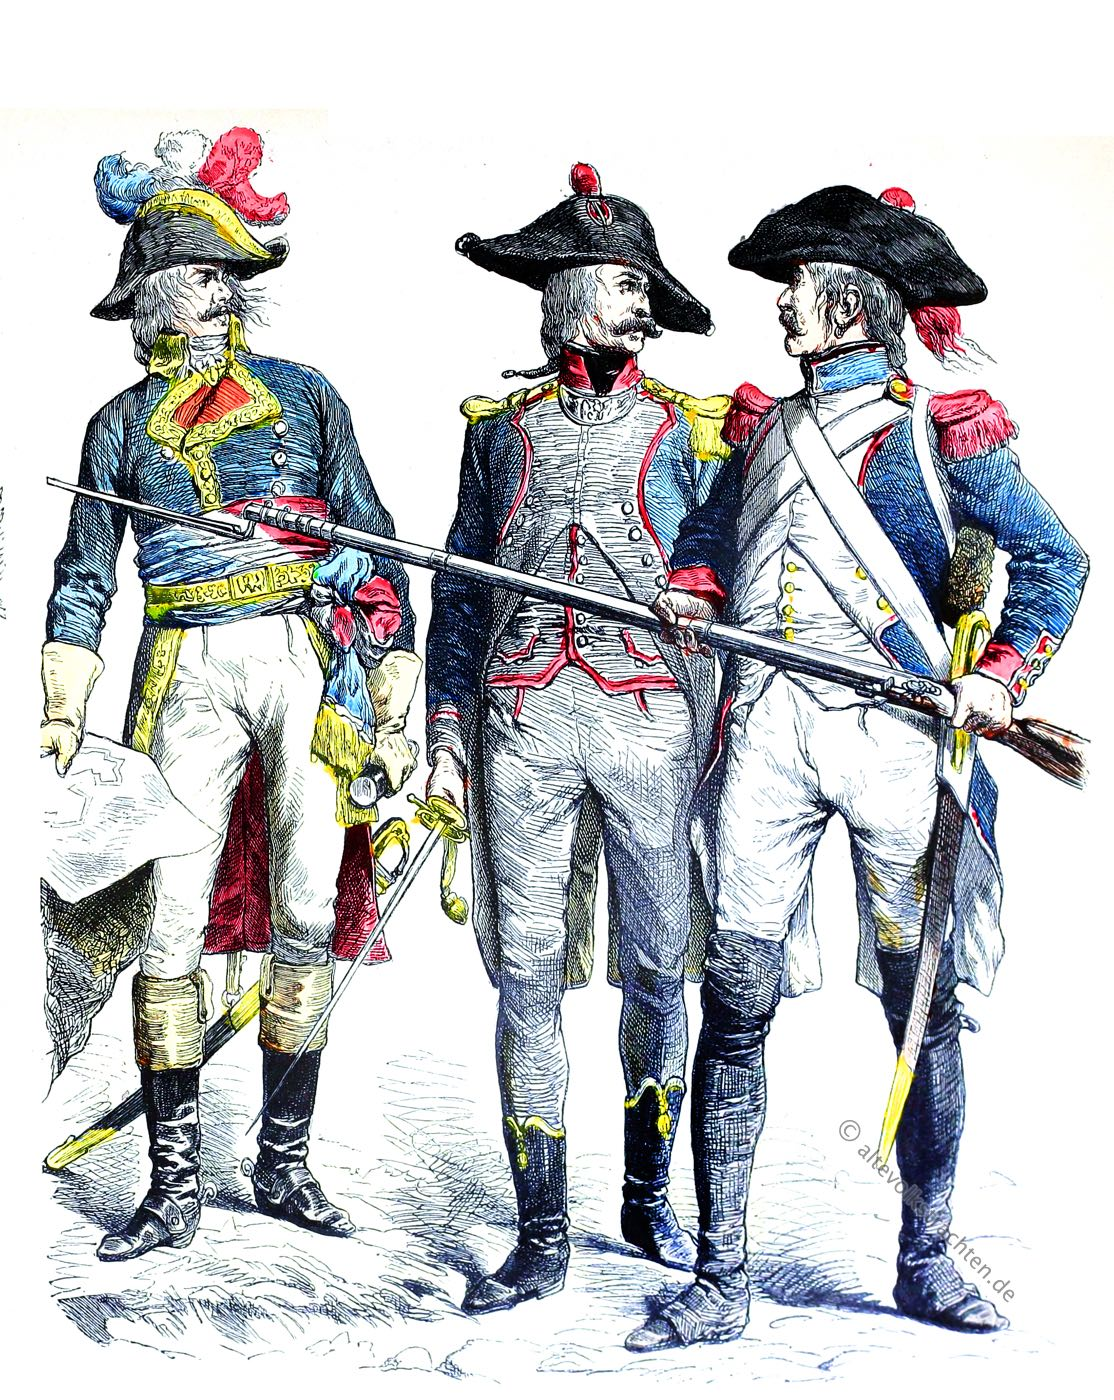 Münchener Bilderbogen, General, Offizier, Linieninfanterie, Leichte Infanterie, Militär, Uniformen, Frankreich, Revolutionsarmee